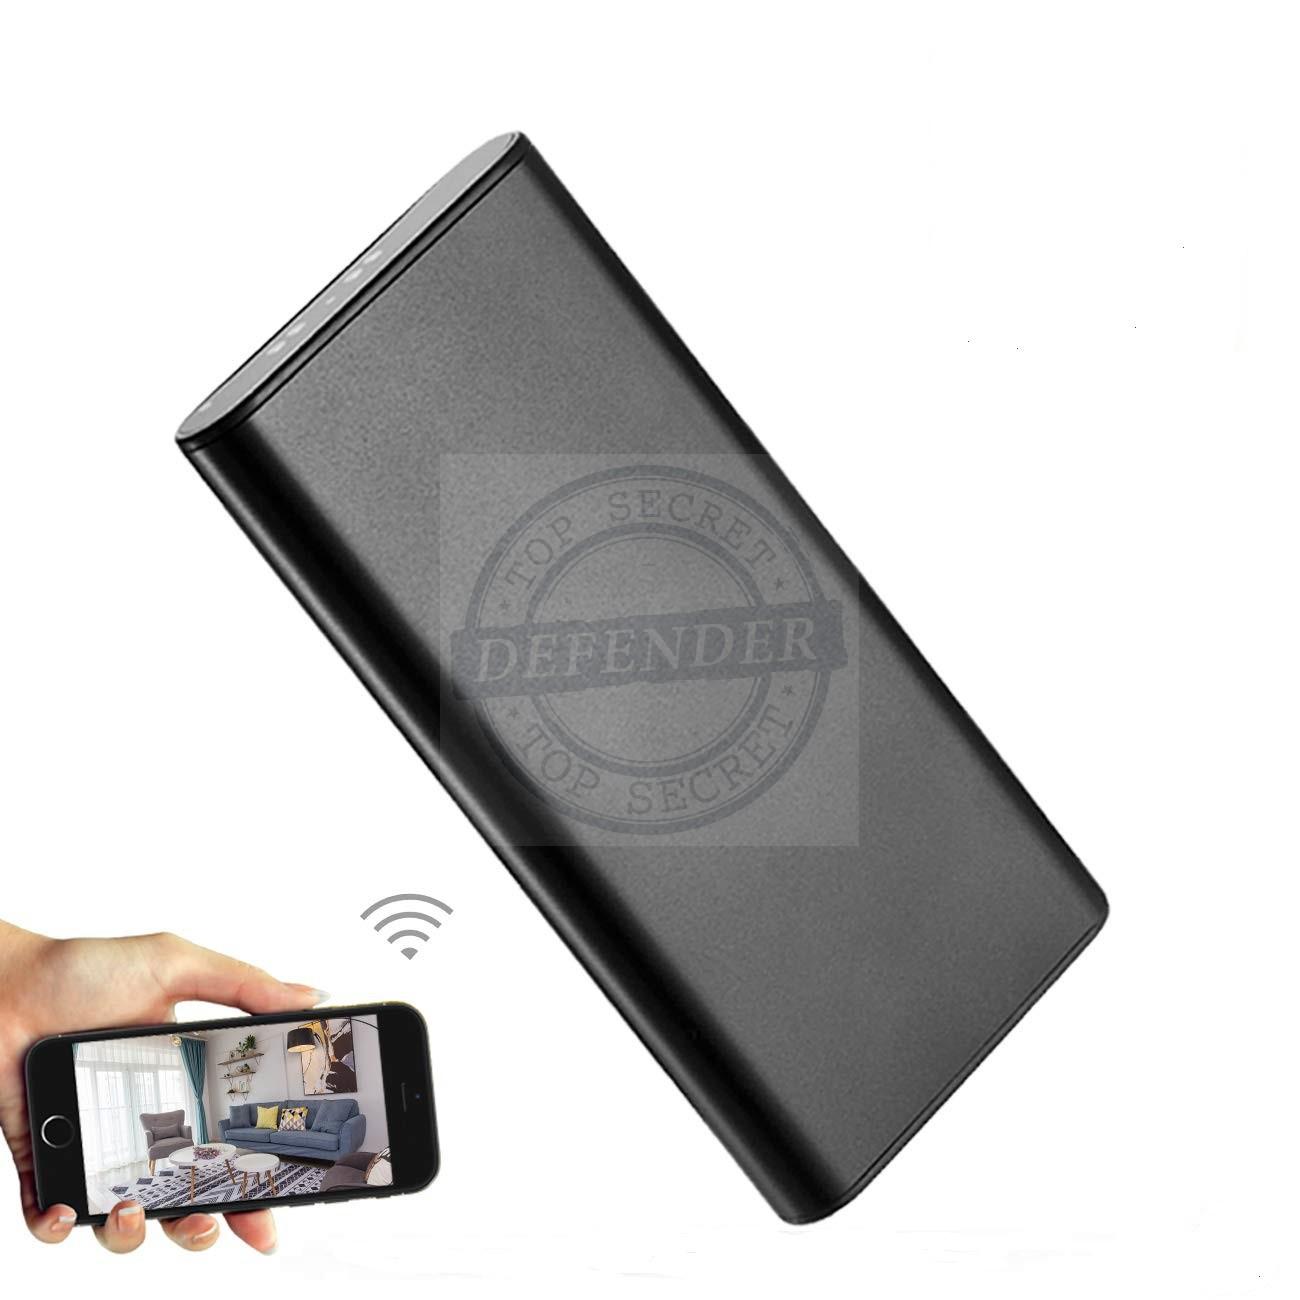 מצלמה נסתרת אלחוטית בסוללת גיבוי לטלפונים ניידים WPB677